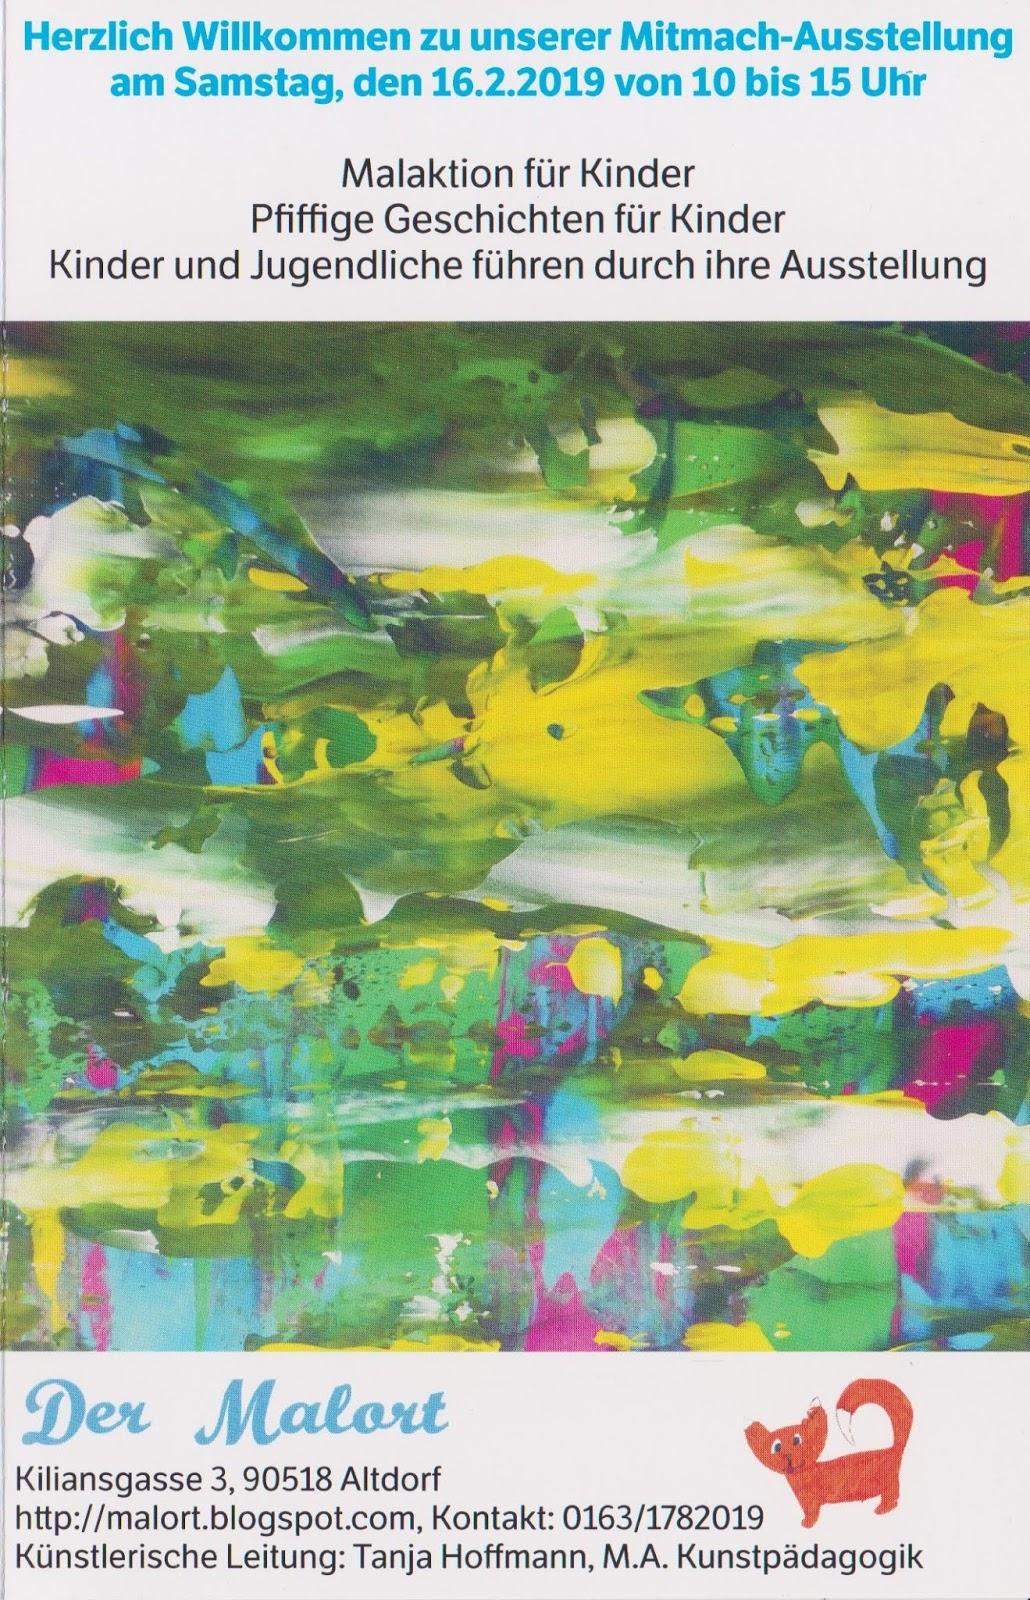 Https Kw Uni Paderborn De Fileadmin Fakultaet Institute Kunst Kunst Und Ihre Didaktik Malerei Internetzeitschrift World Heritage And Arts Education Whae 14 15 Pdf